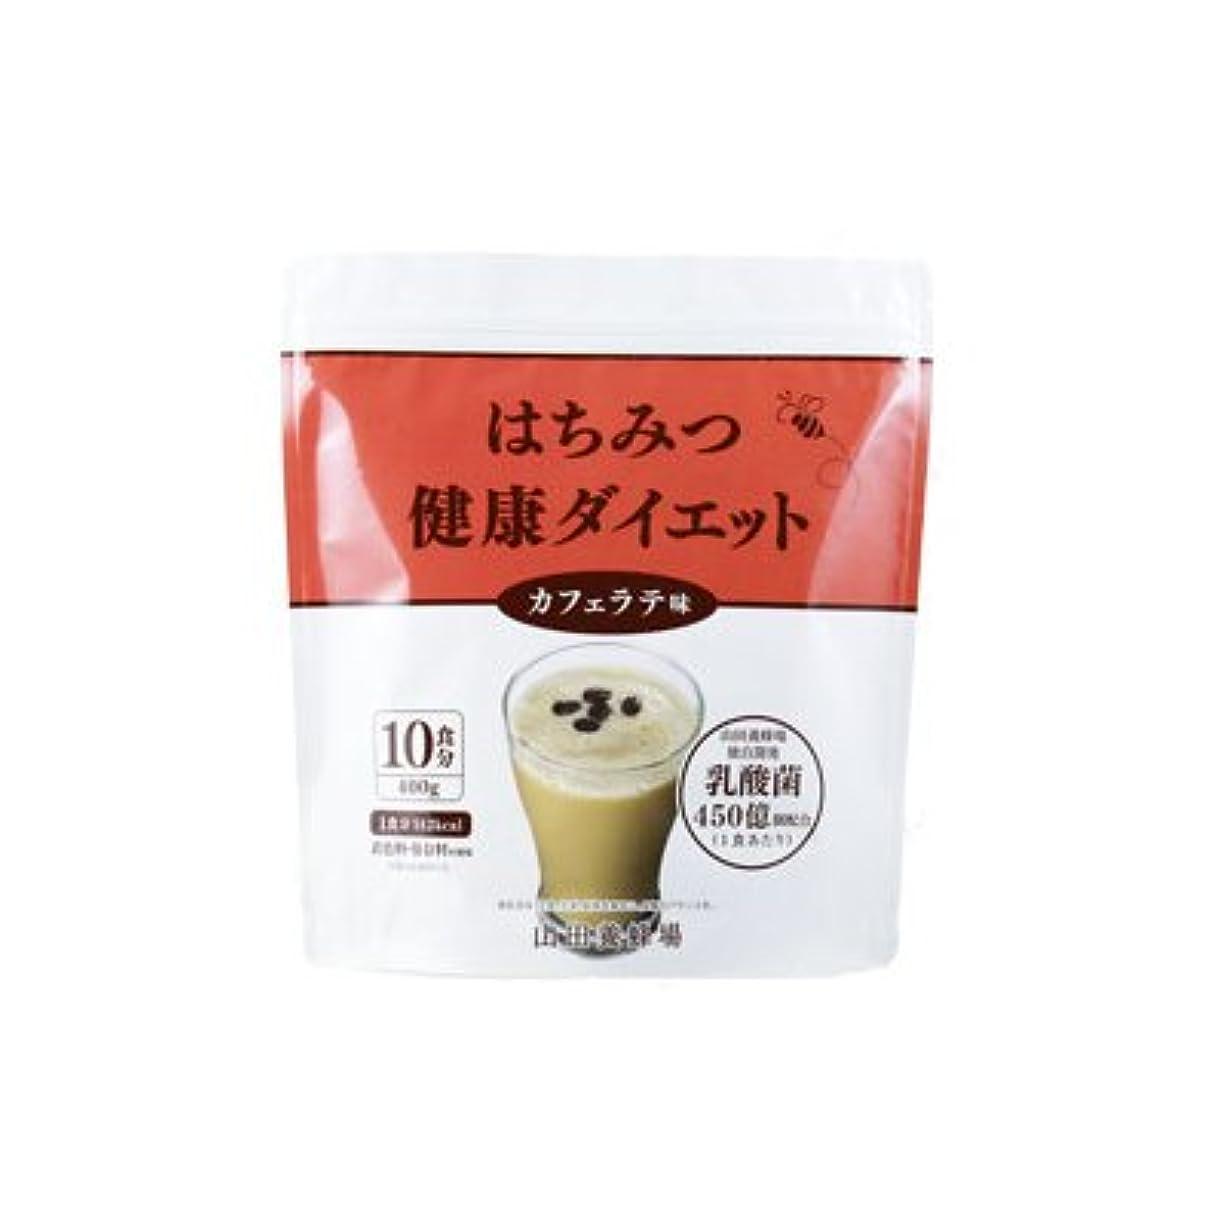 免除割る手伝うはちみつ健康ダイエット 【カフェラテ味】400g(10食分)